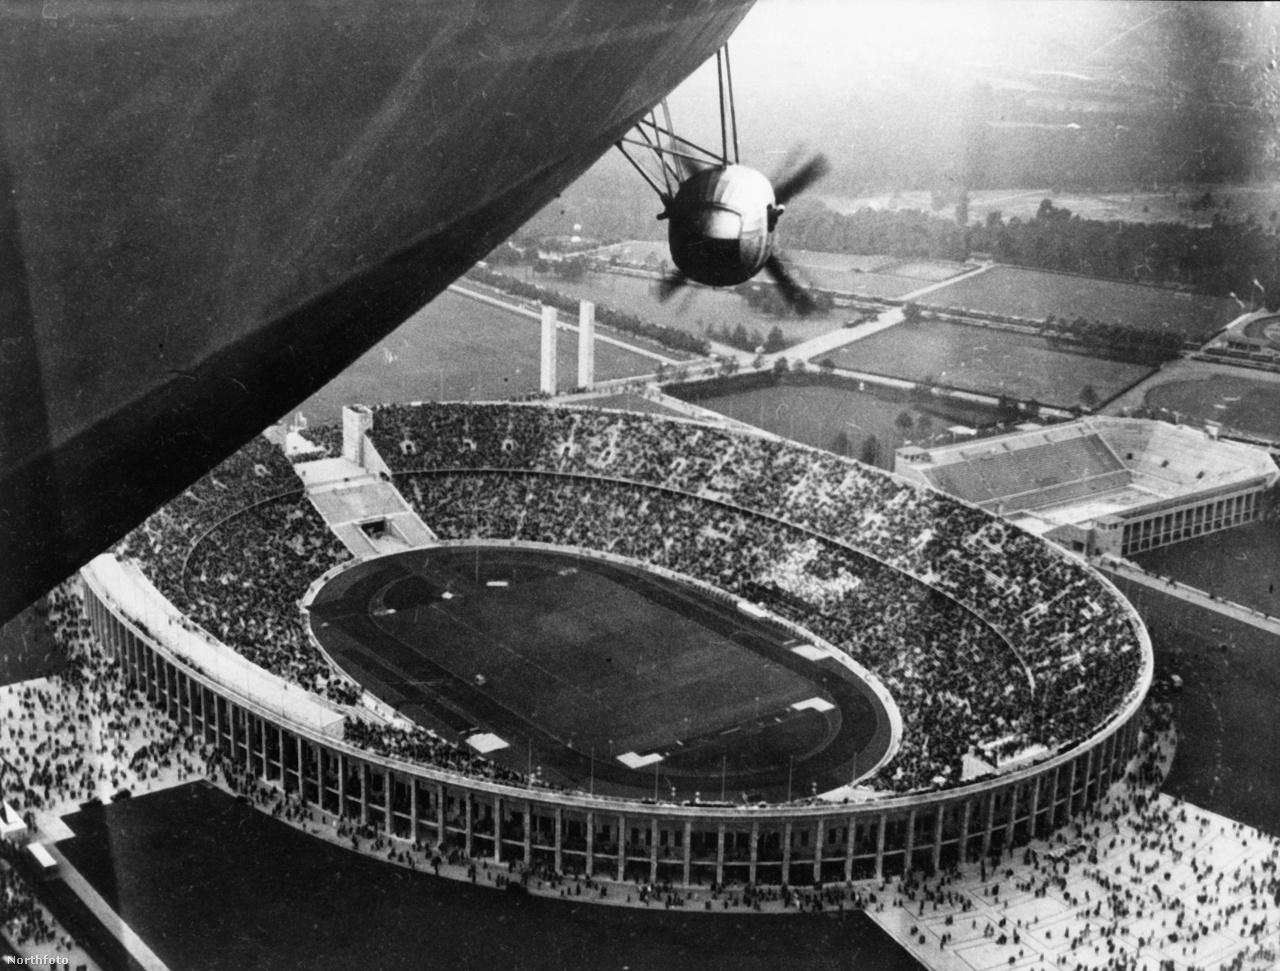 1936. május 12: a berlini olimpiai stadion Hindenburgról nézve. A versenyek alatt többször is készültek légi felvételek és fotók a léghajóról.